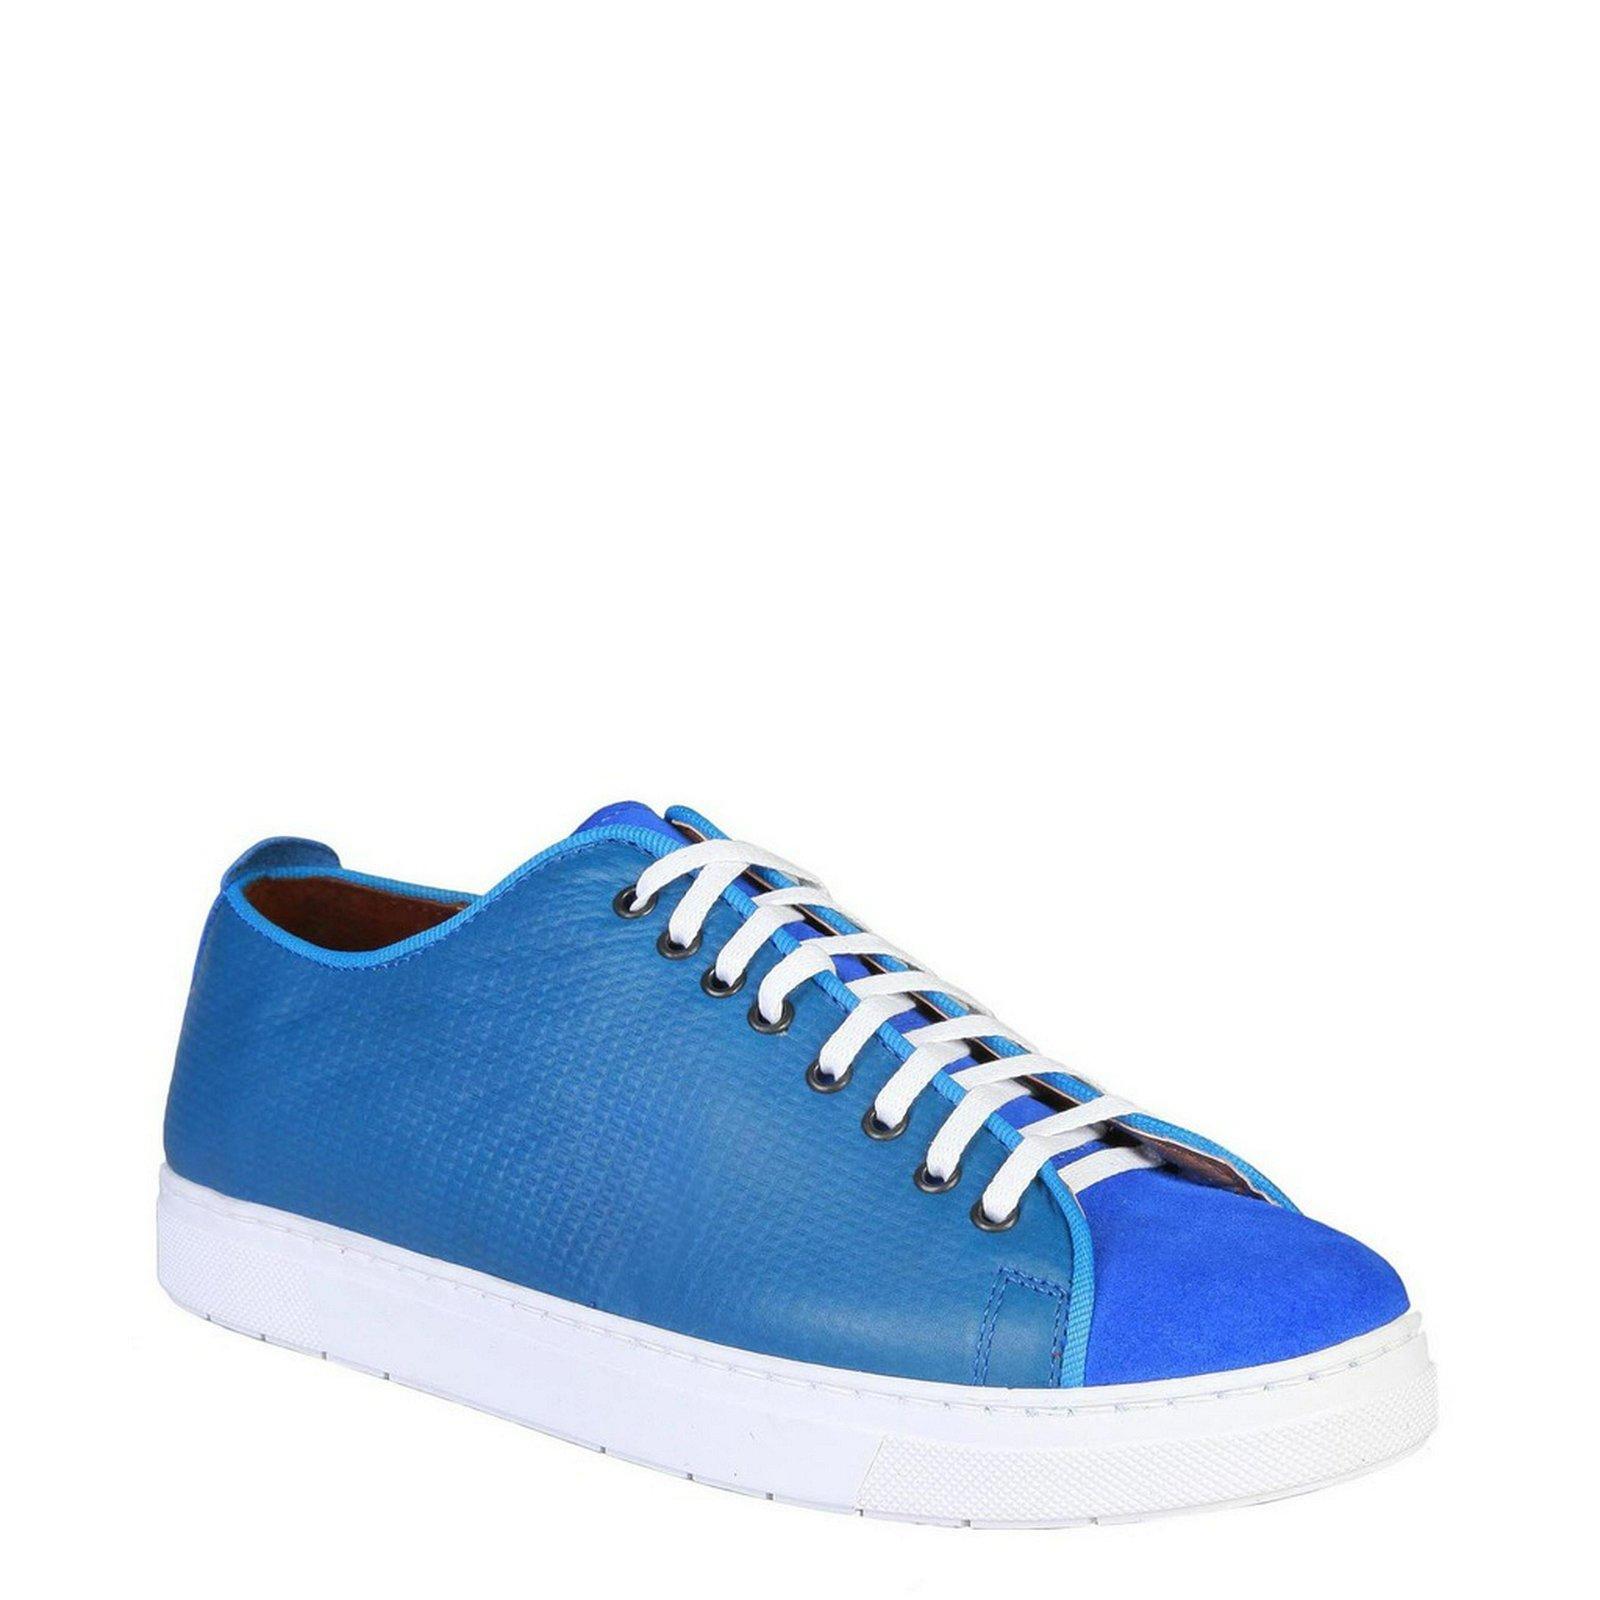 Men's Pierre Cardin Sneakers Shoes US 10